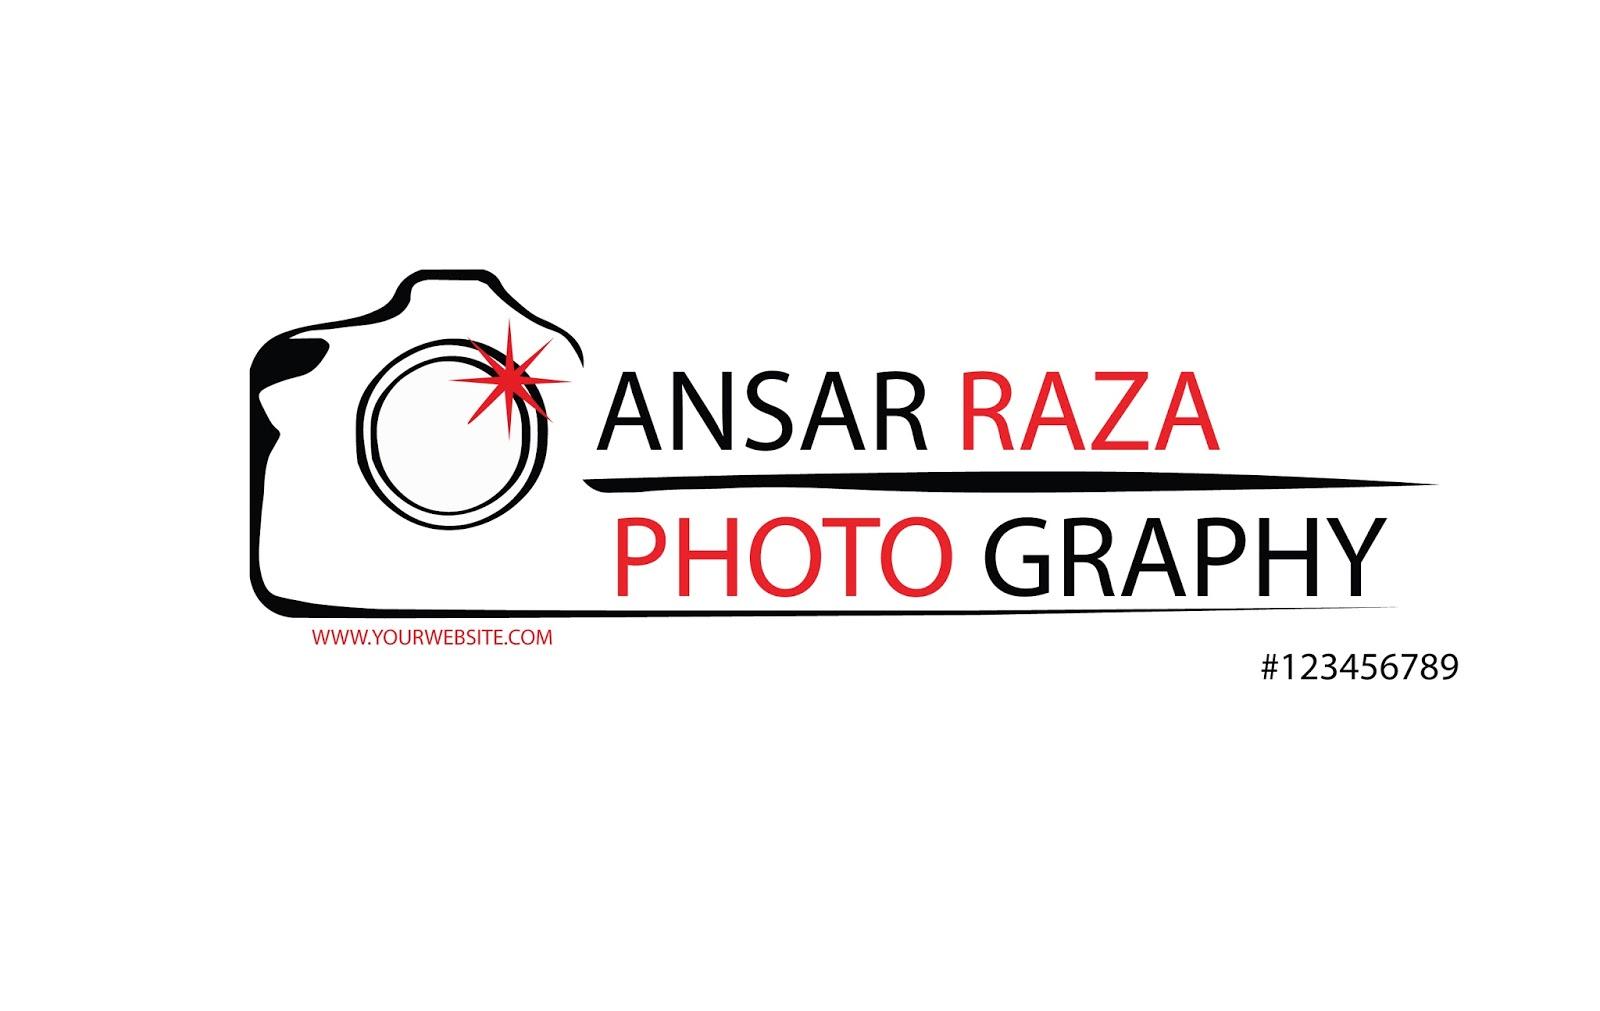 24 amazing photography logo ideas